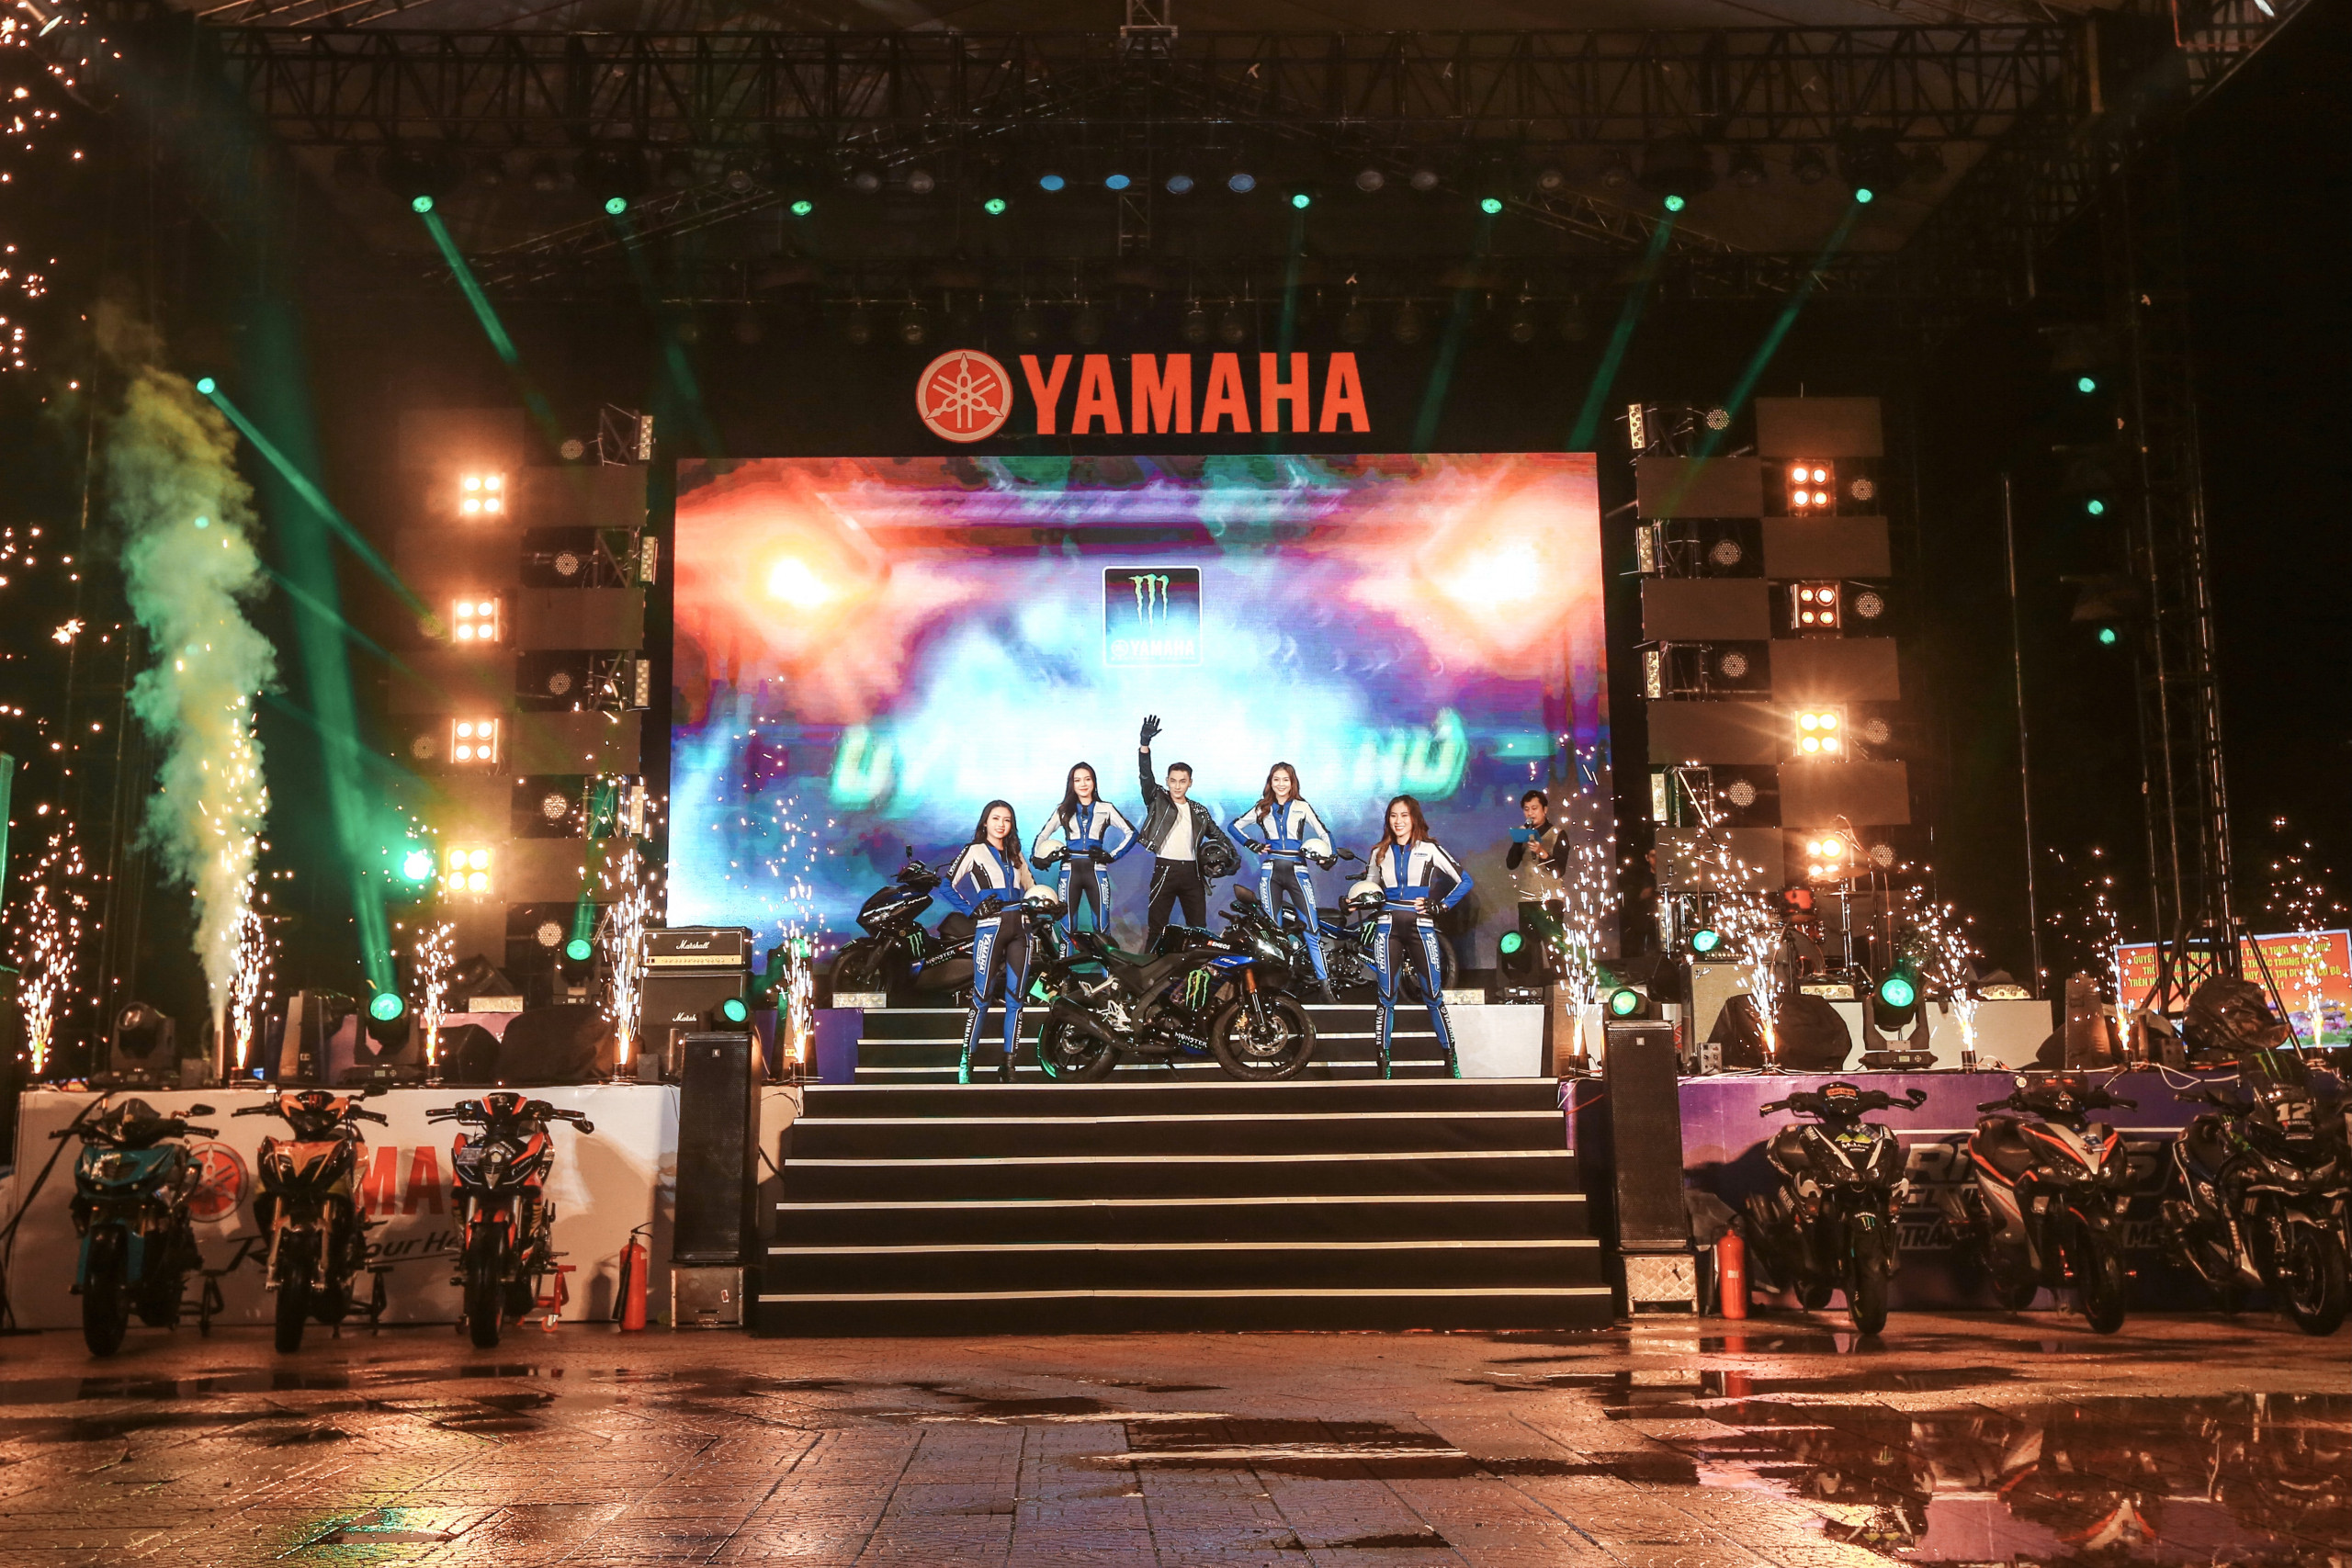 Tín đồ tốc độ trải nghiệm 3 phiên bản Monster Yamaha tại Y-Riders Fest 2020